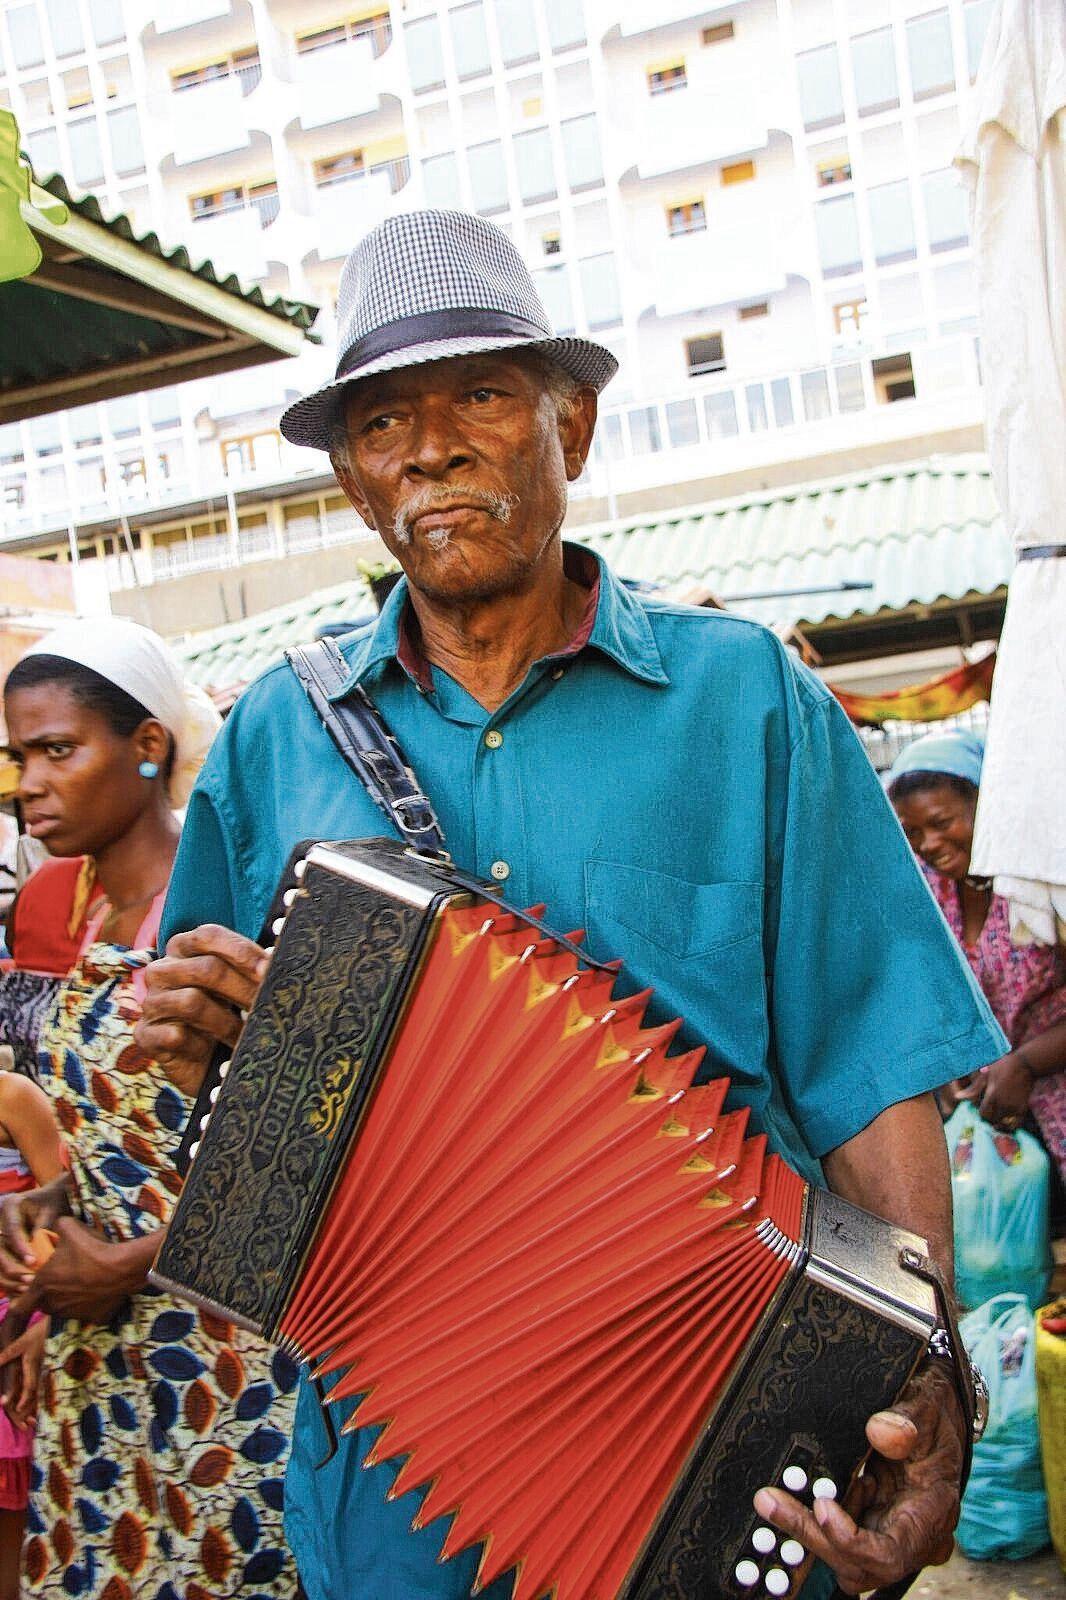 De Kaapverdische accordeonist Bitori